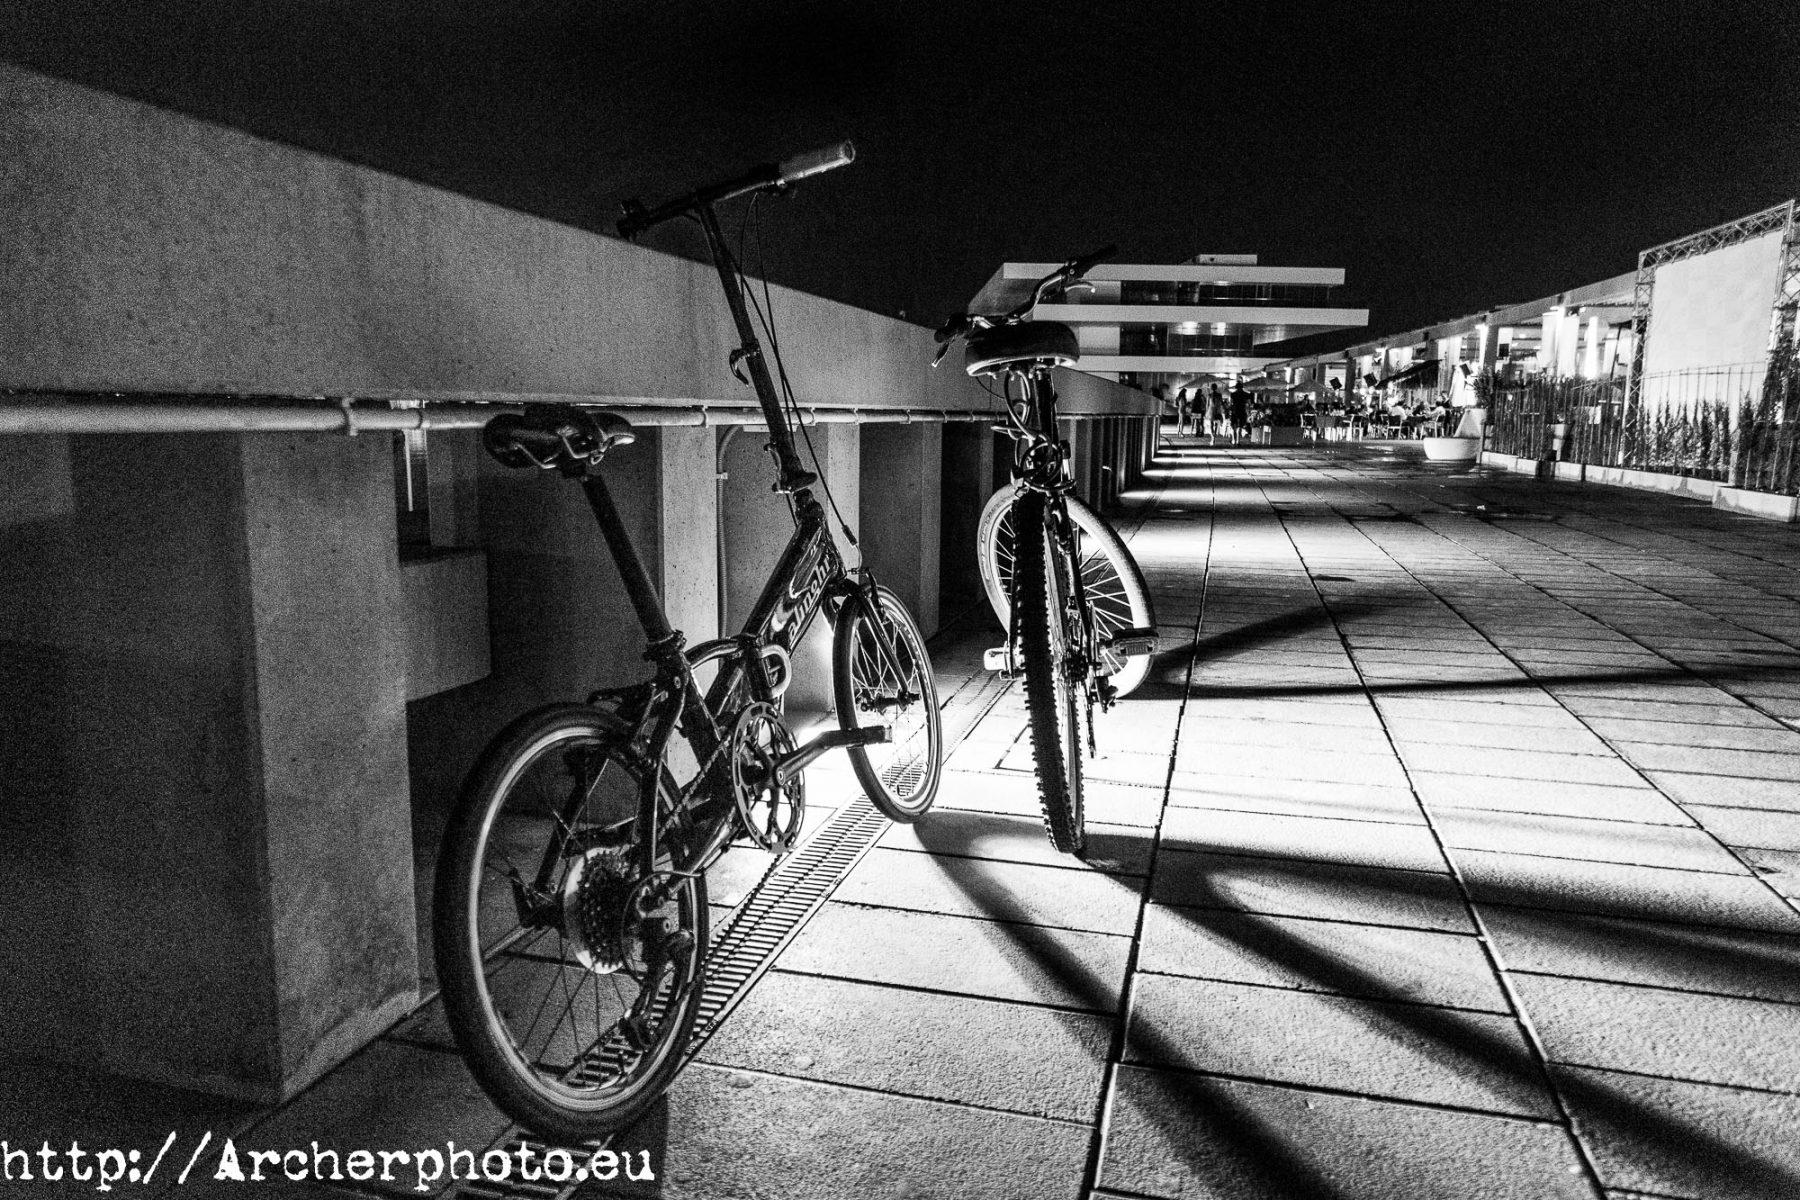 Unas bicis en 2012, por Archerphoto, fotógrafo profesional en Valencia